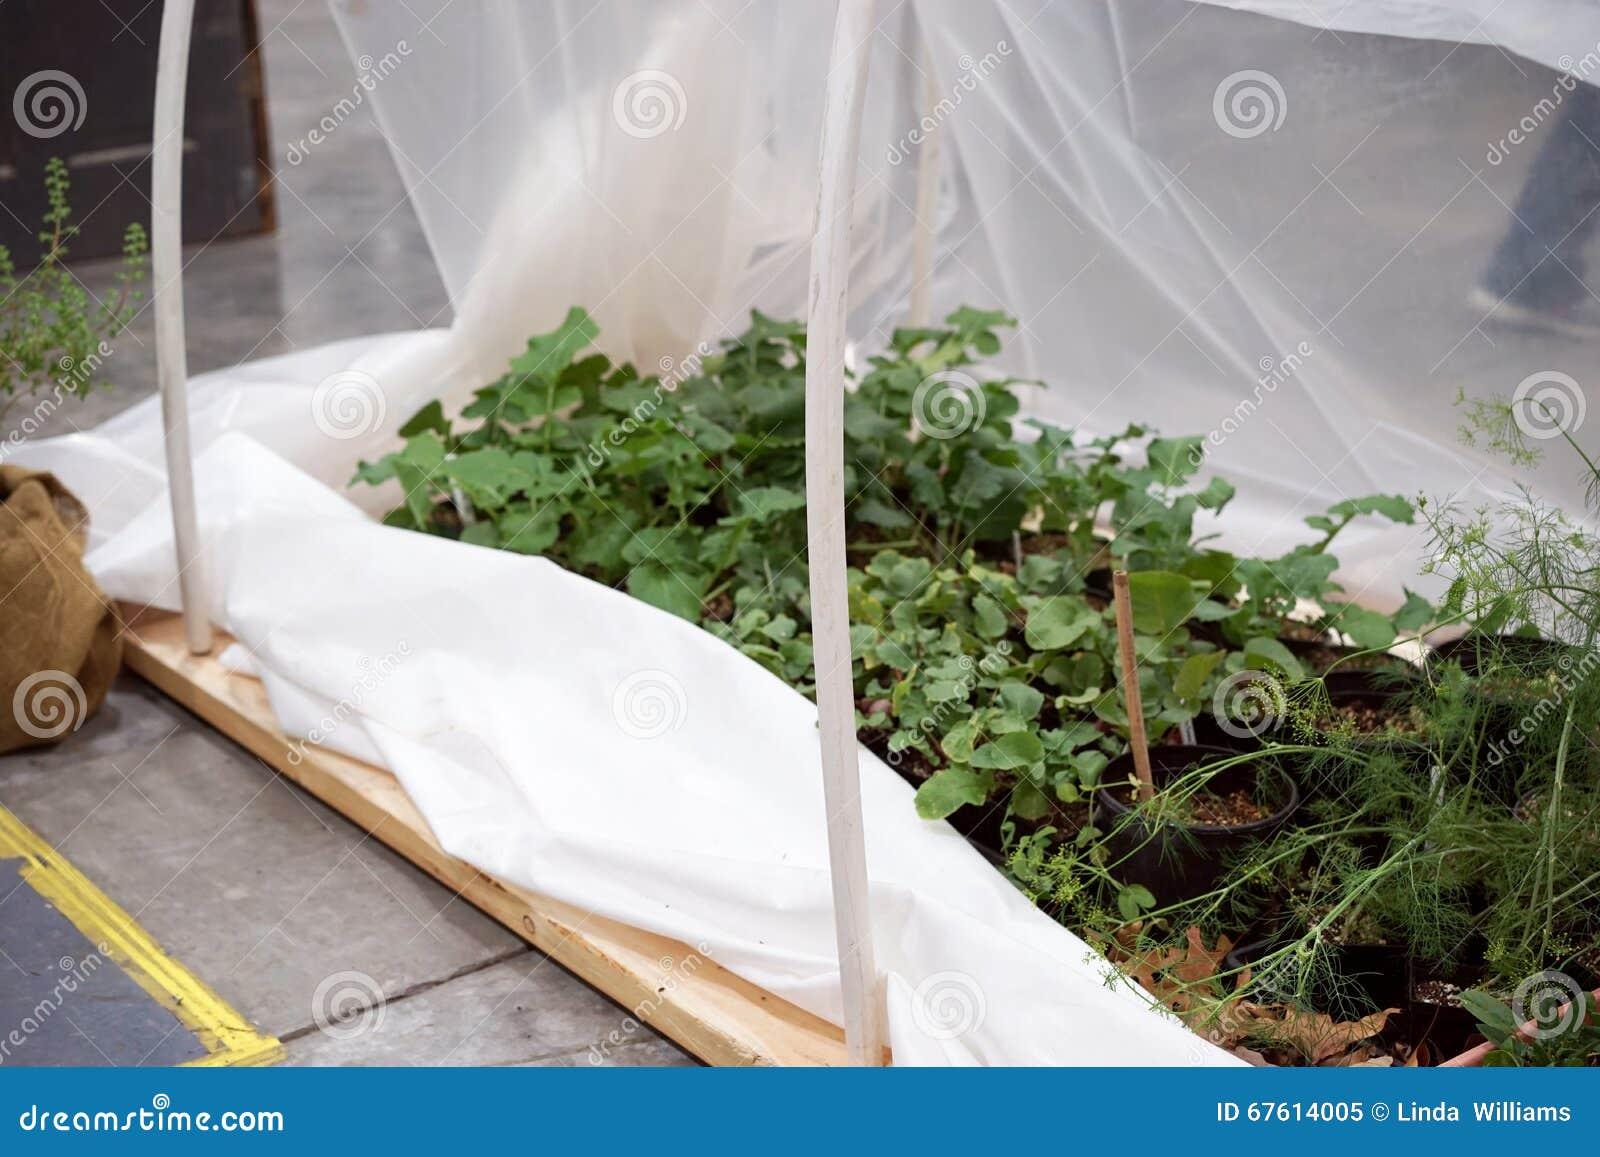 Diy Gewachshaus Fur Krauter Stockbild Bild Von Gartenbau Blume